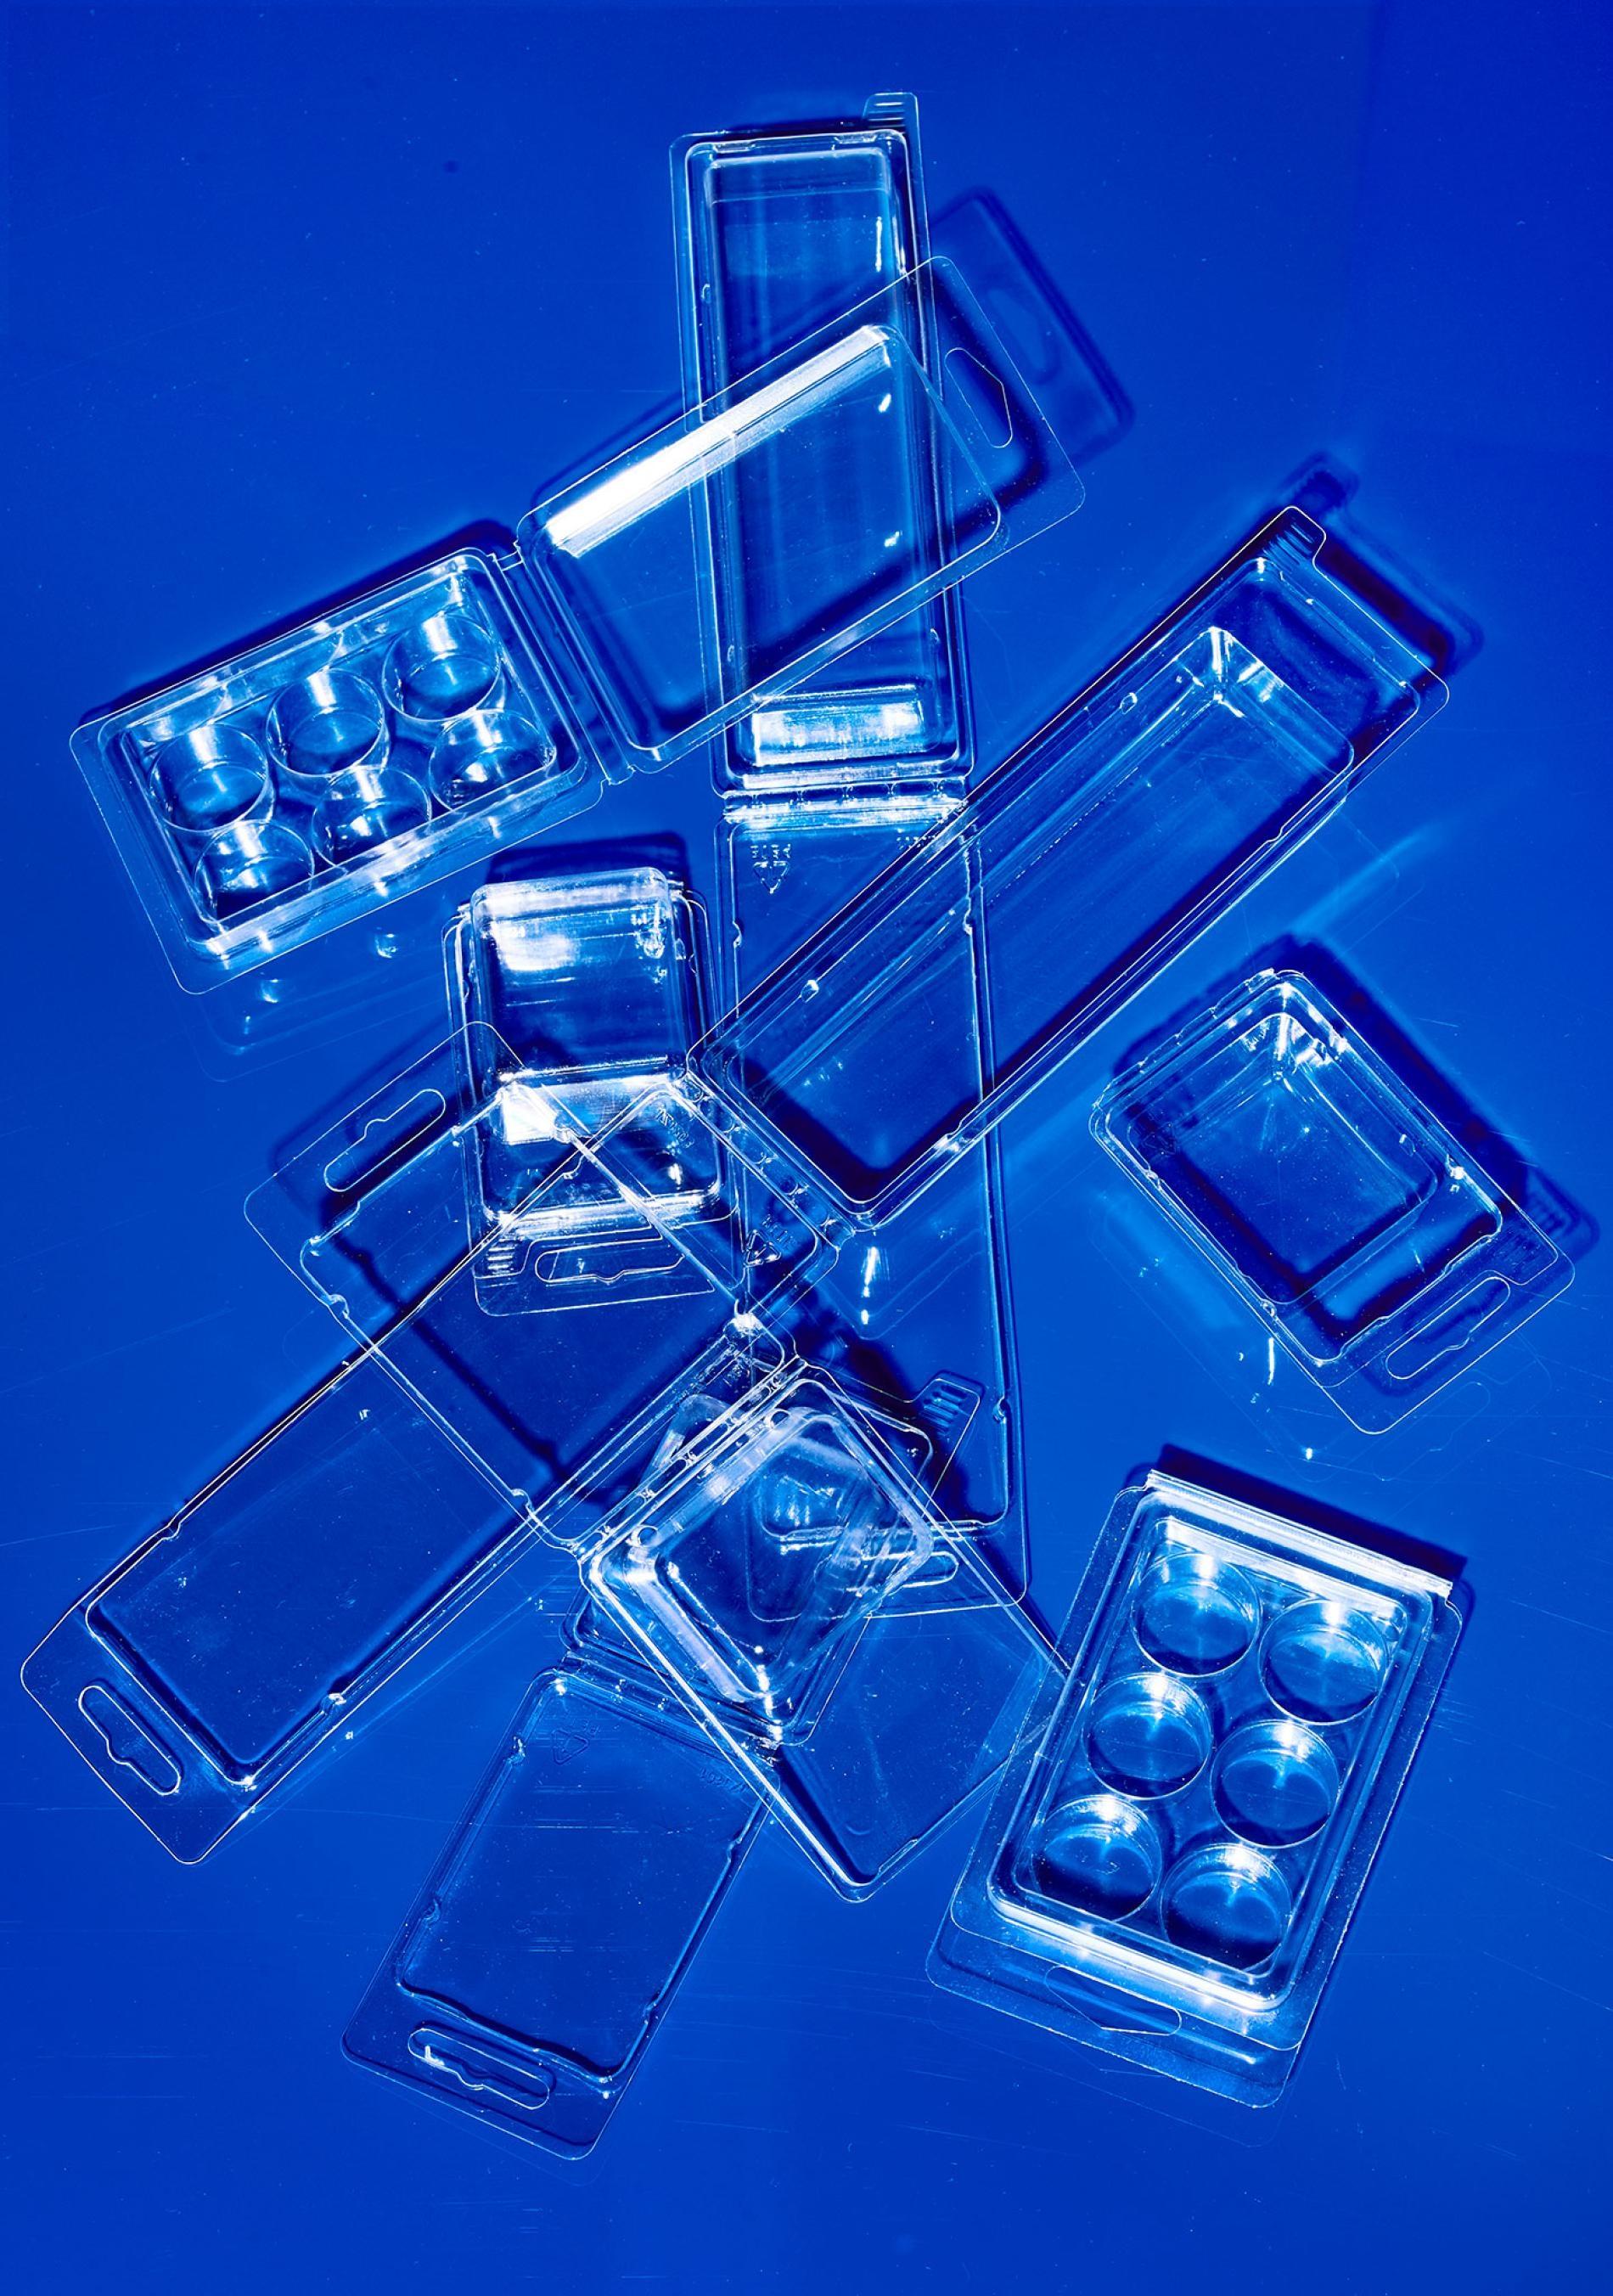 圖中這種泡殼塑膠包裝雖然可以回收,但不代表它們總是被回收。PHOTOGRAPH BY HANNAH WHITAKER, NATIONAL GEOGRAPHIC